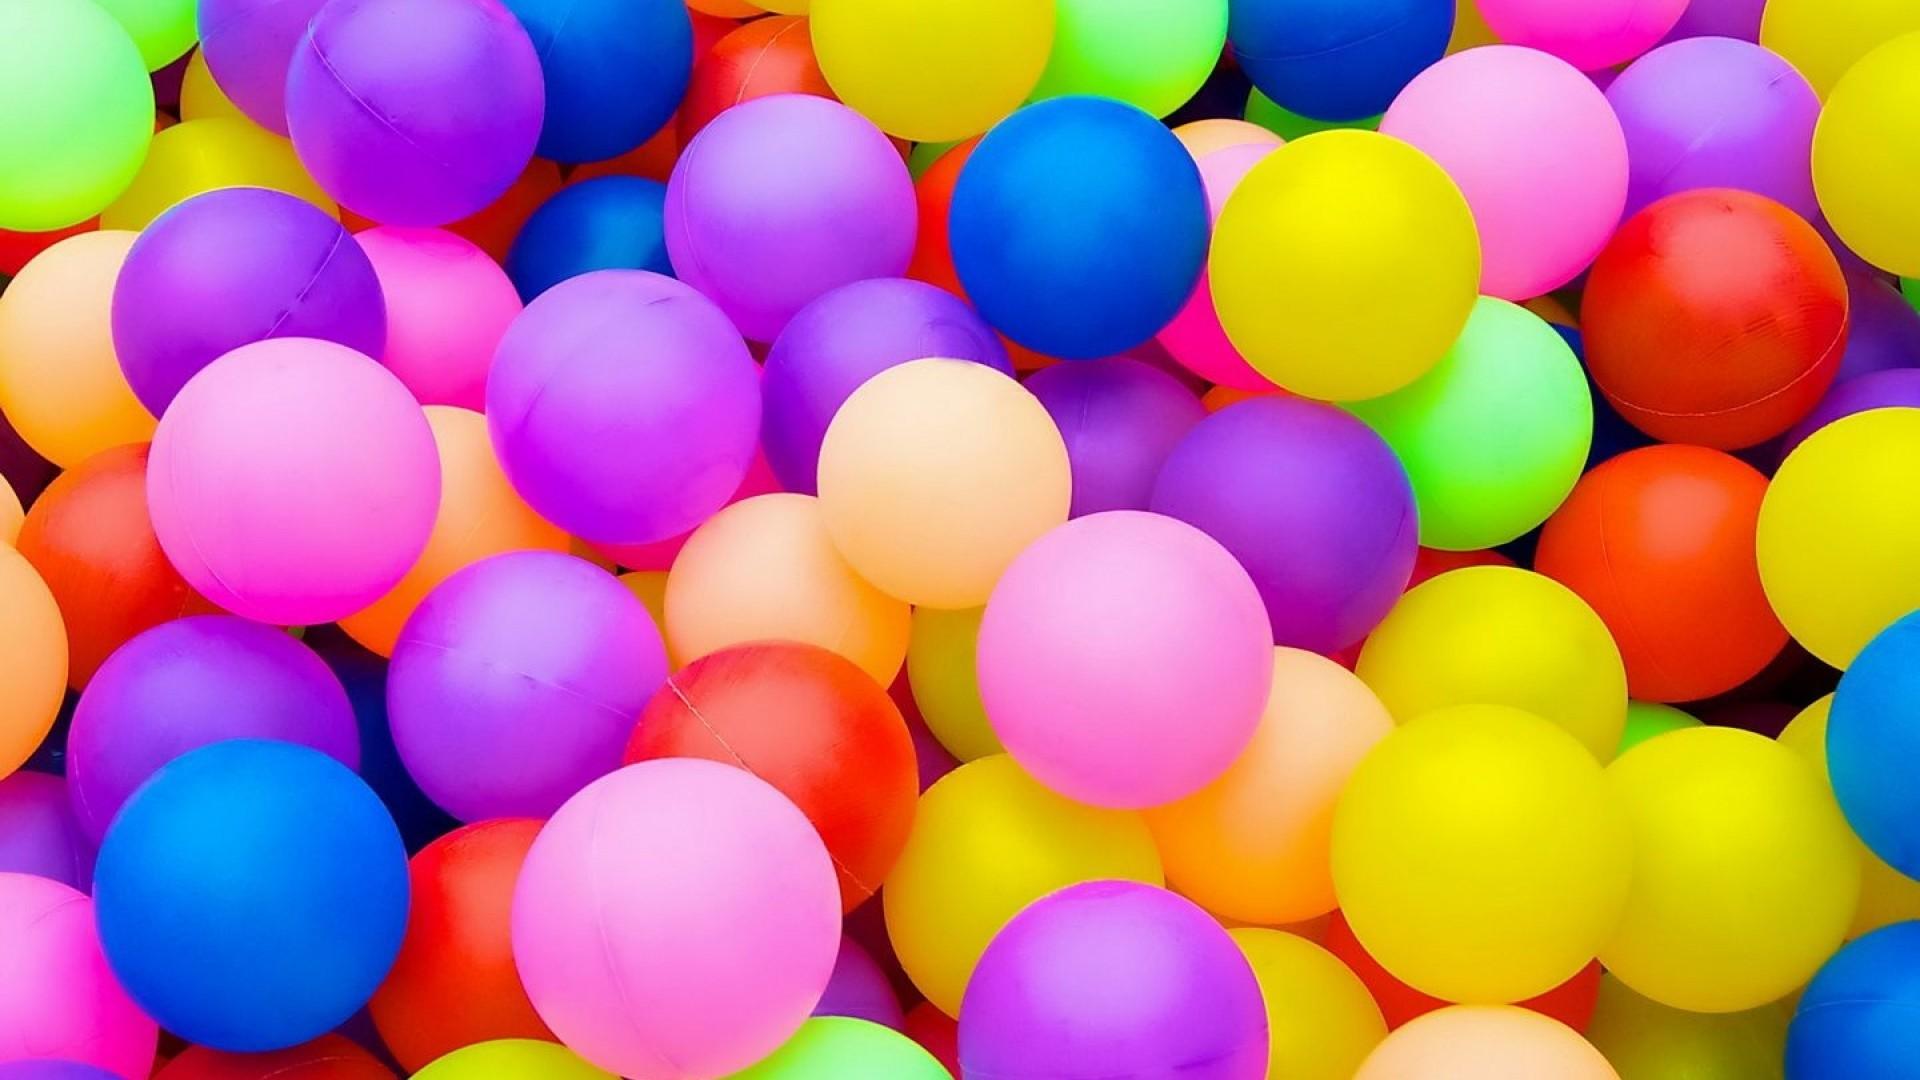 Balloon Desktop Wallpaper